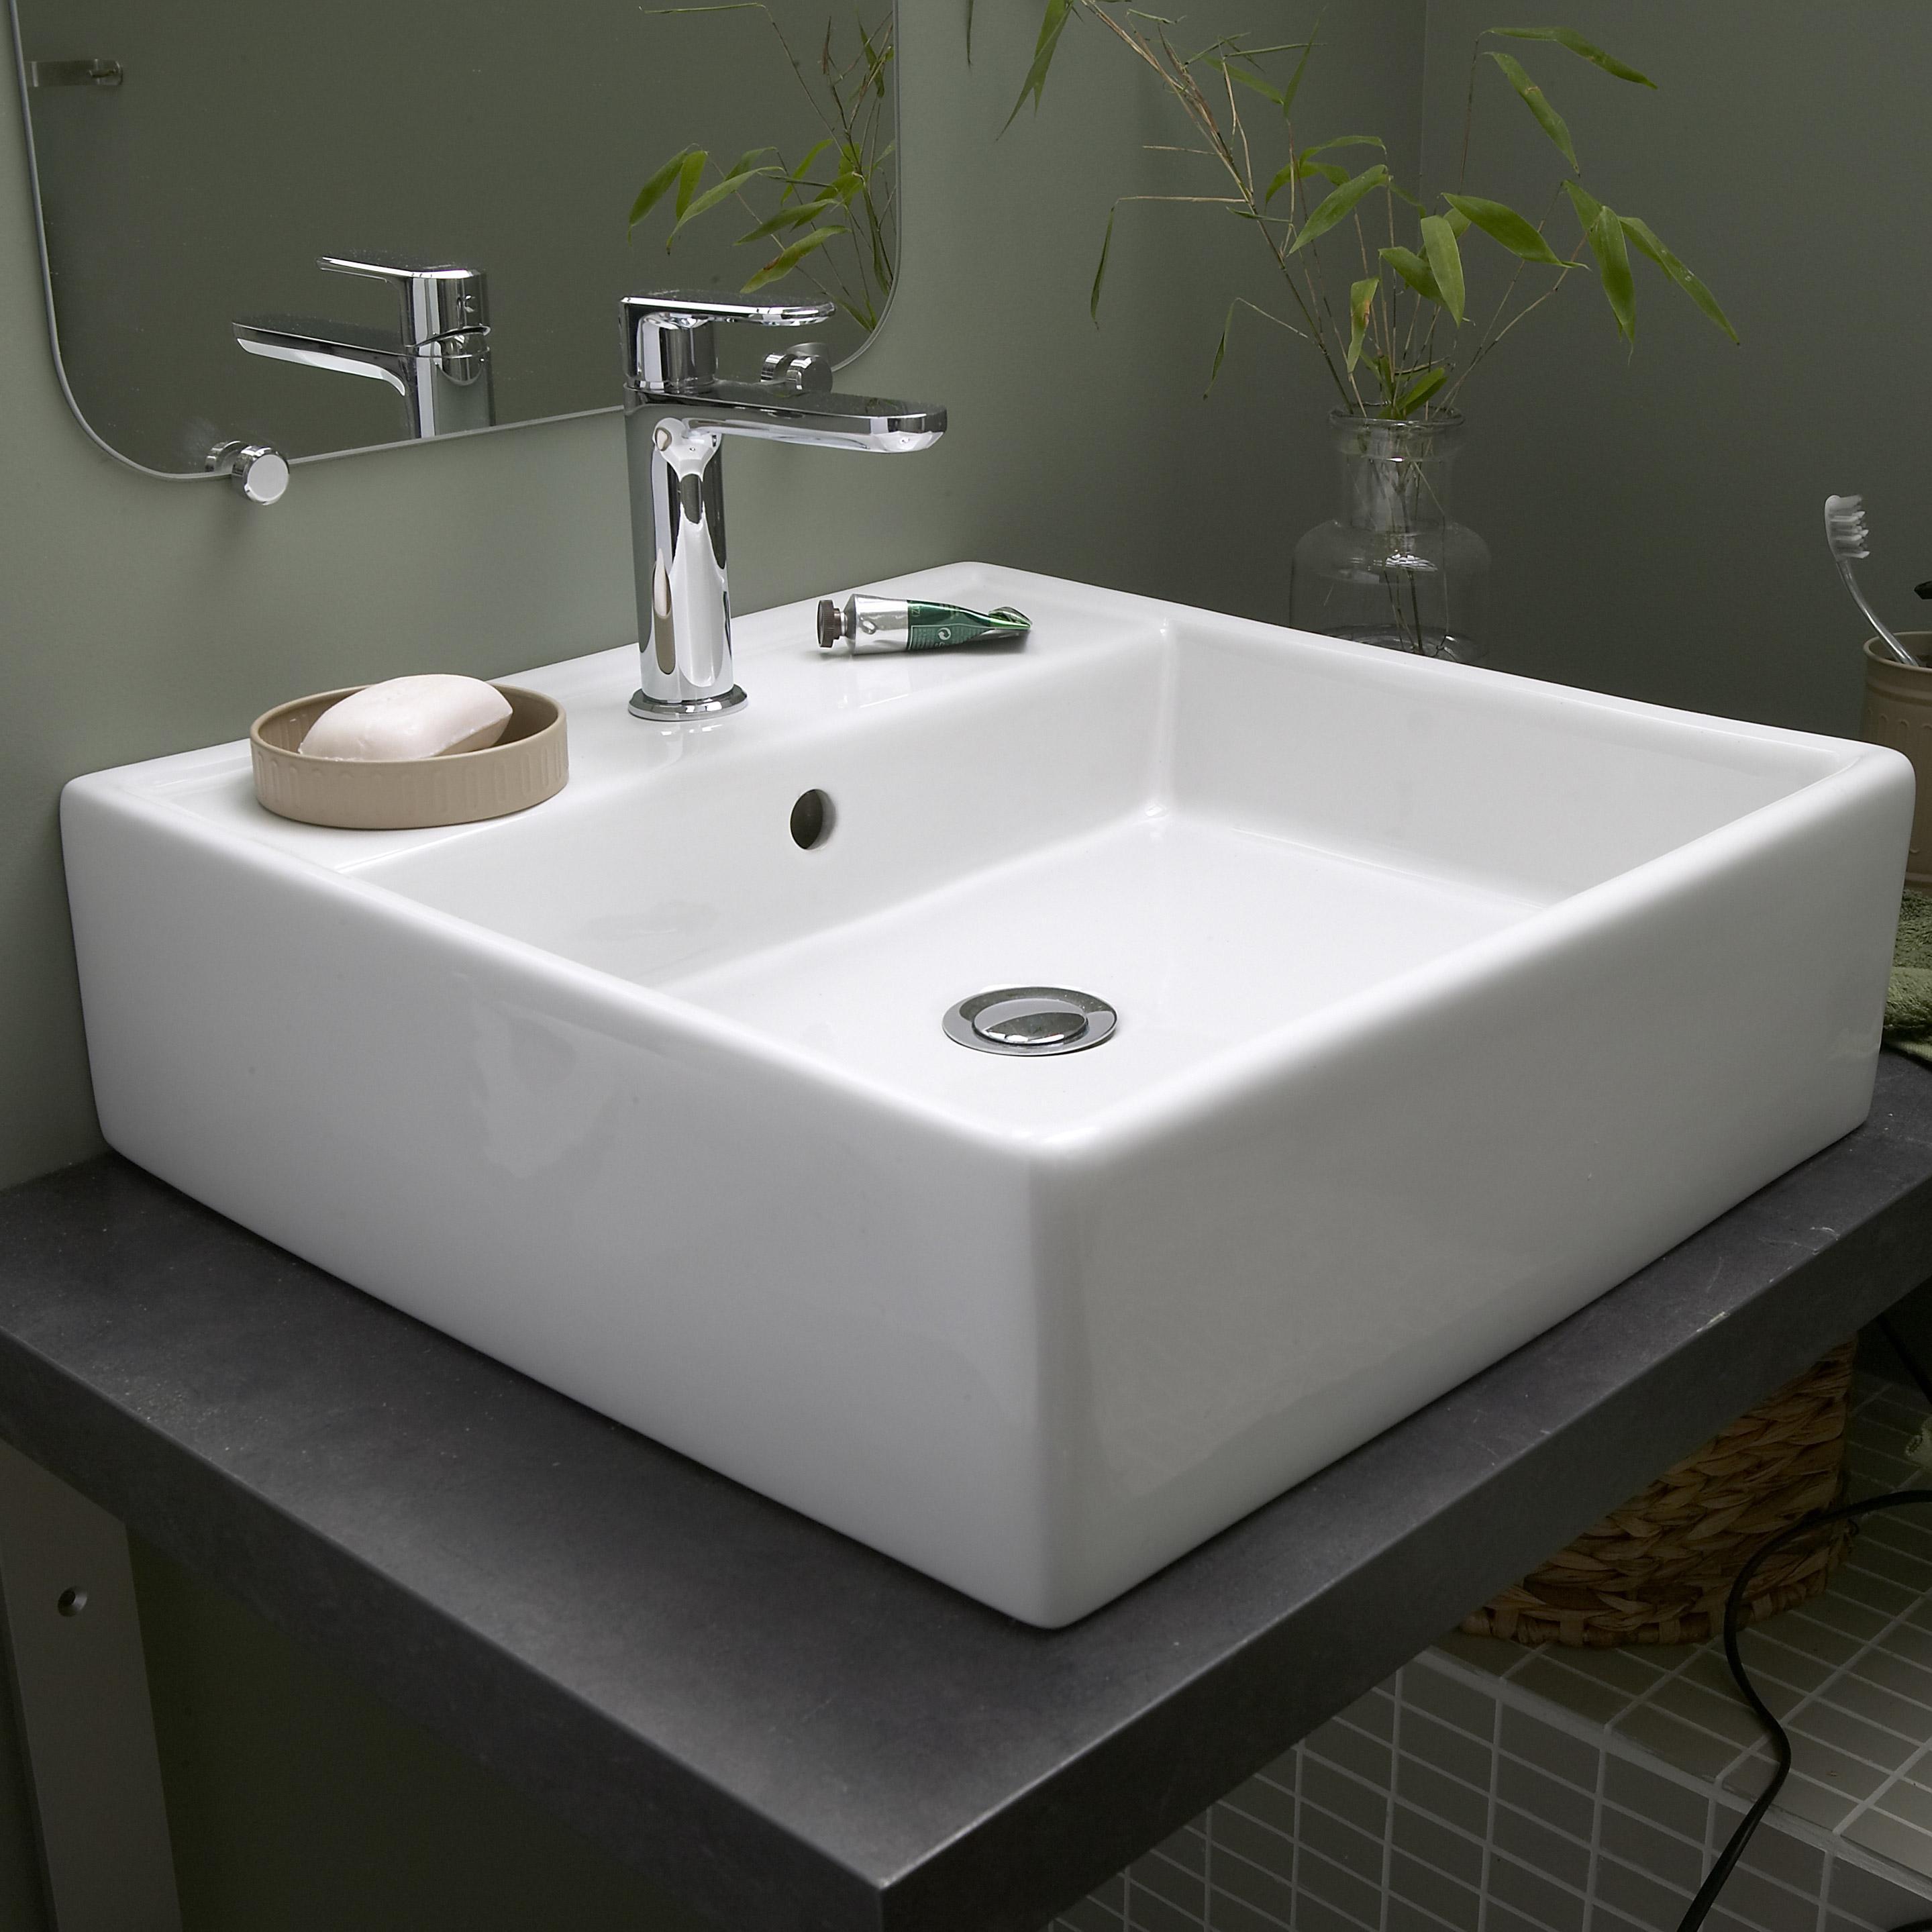 Vasque À Céramique 46 Cm Blanc L P Edge Poser 46 X qpUGzMSV